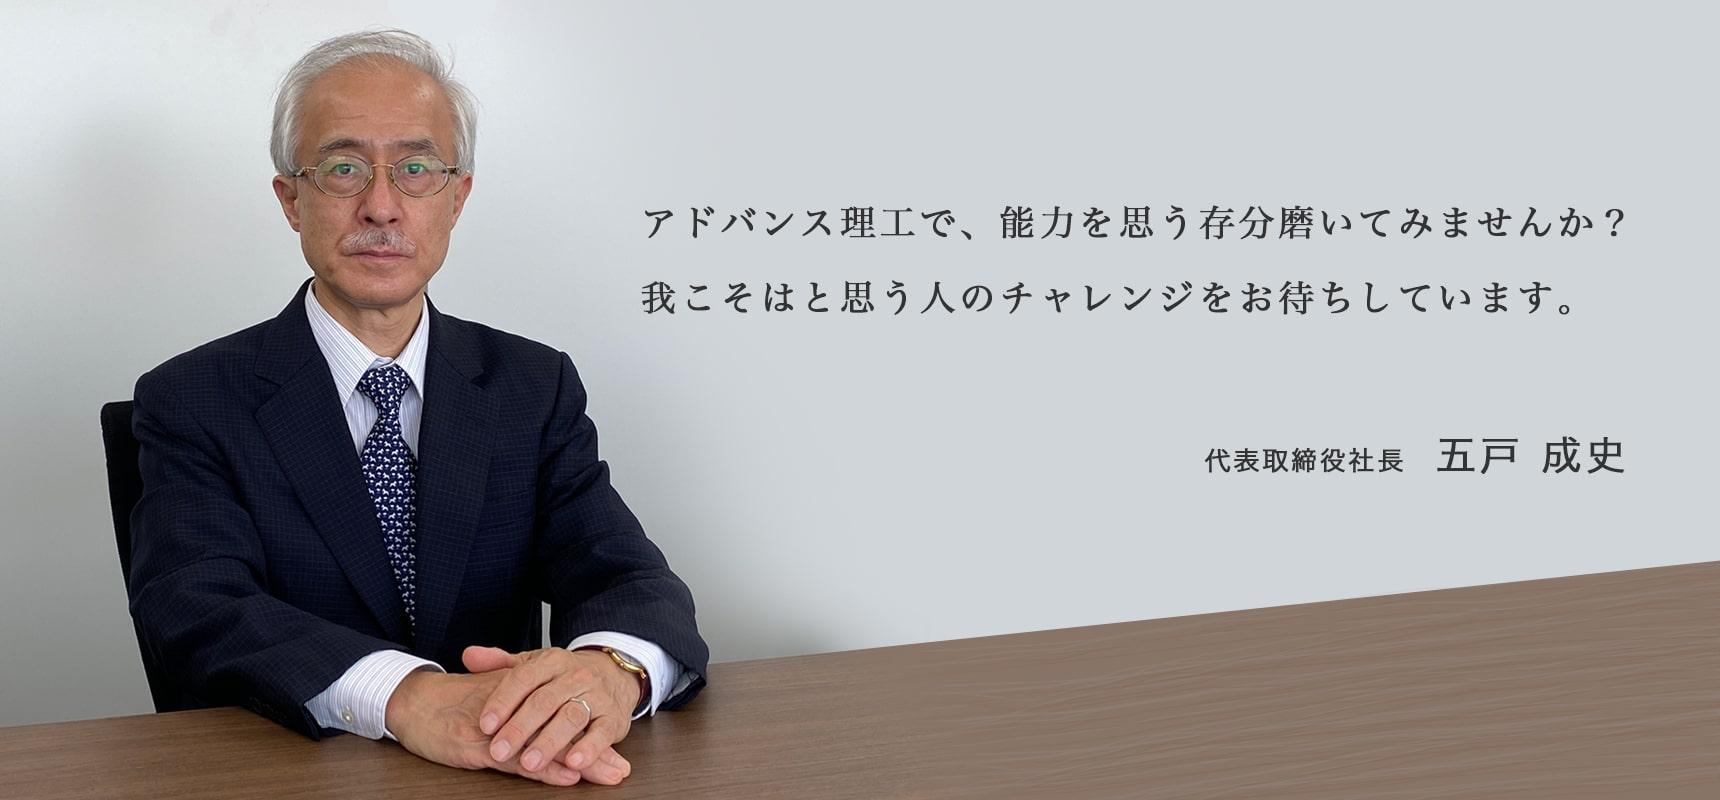 代表取締役社長 五戸 成史